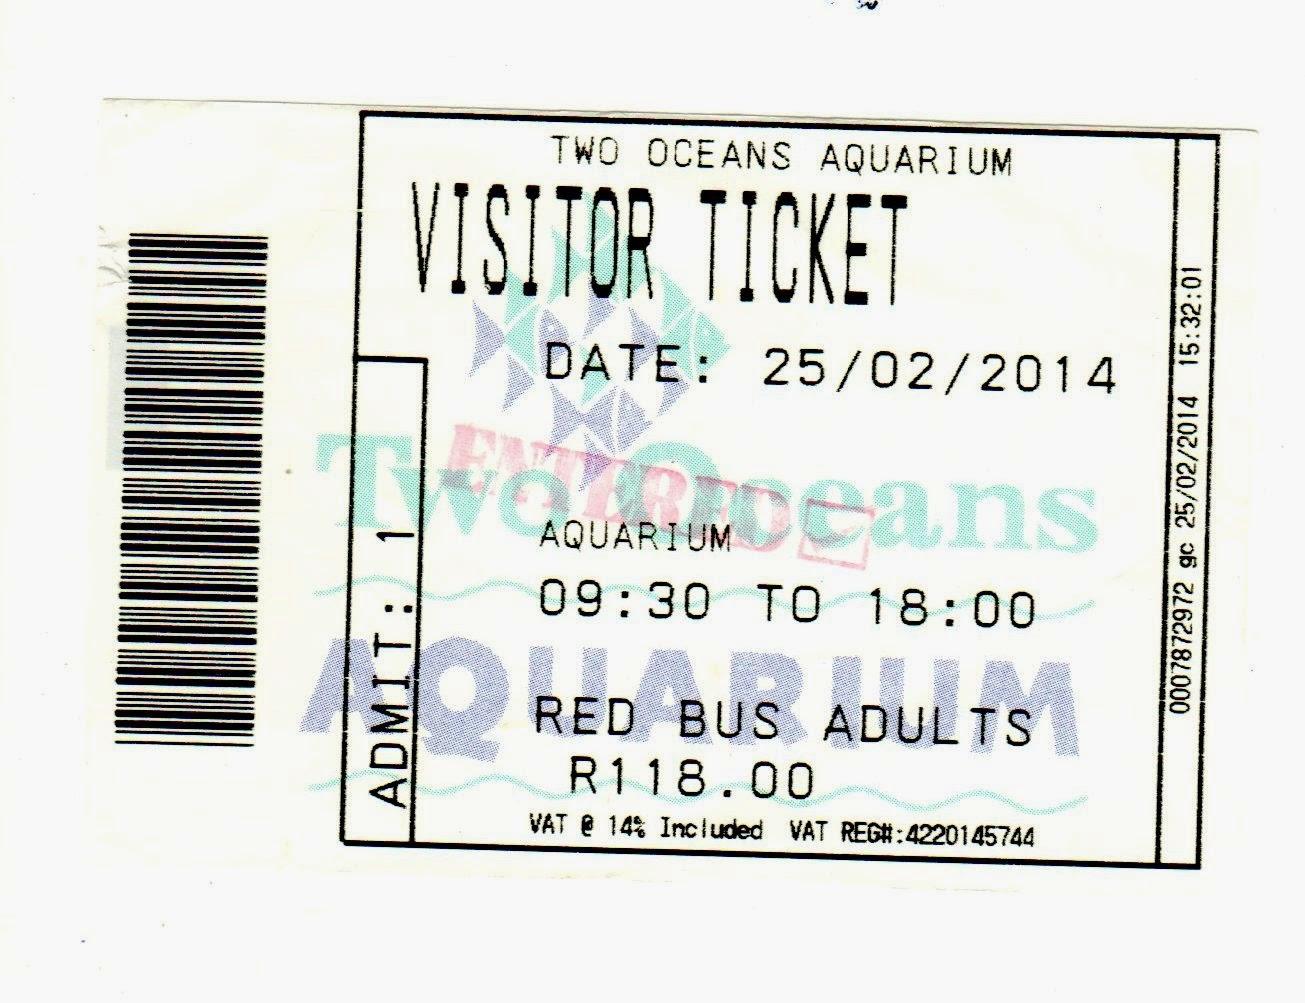 ticket Aquário Two Oceans